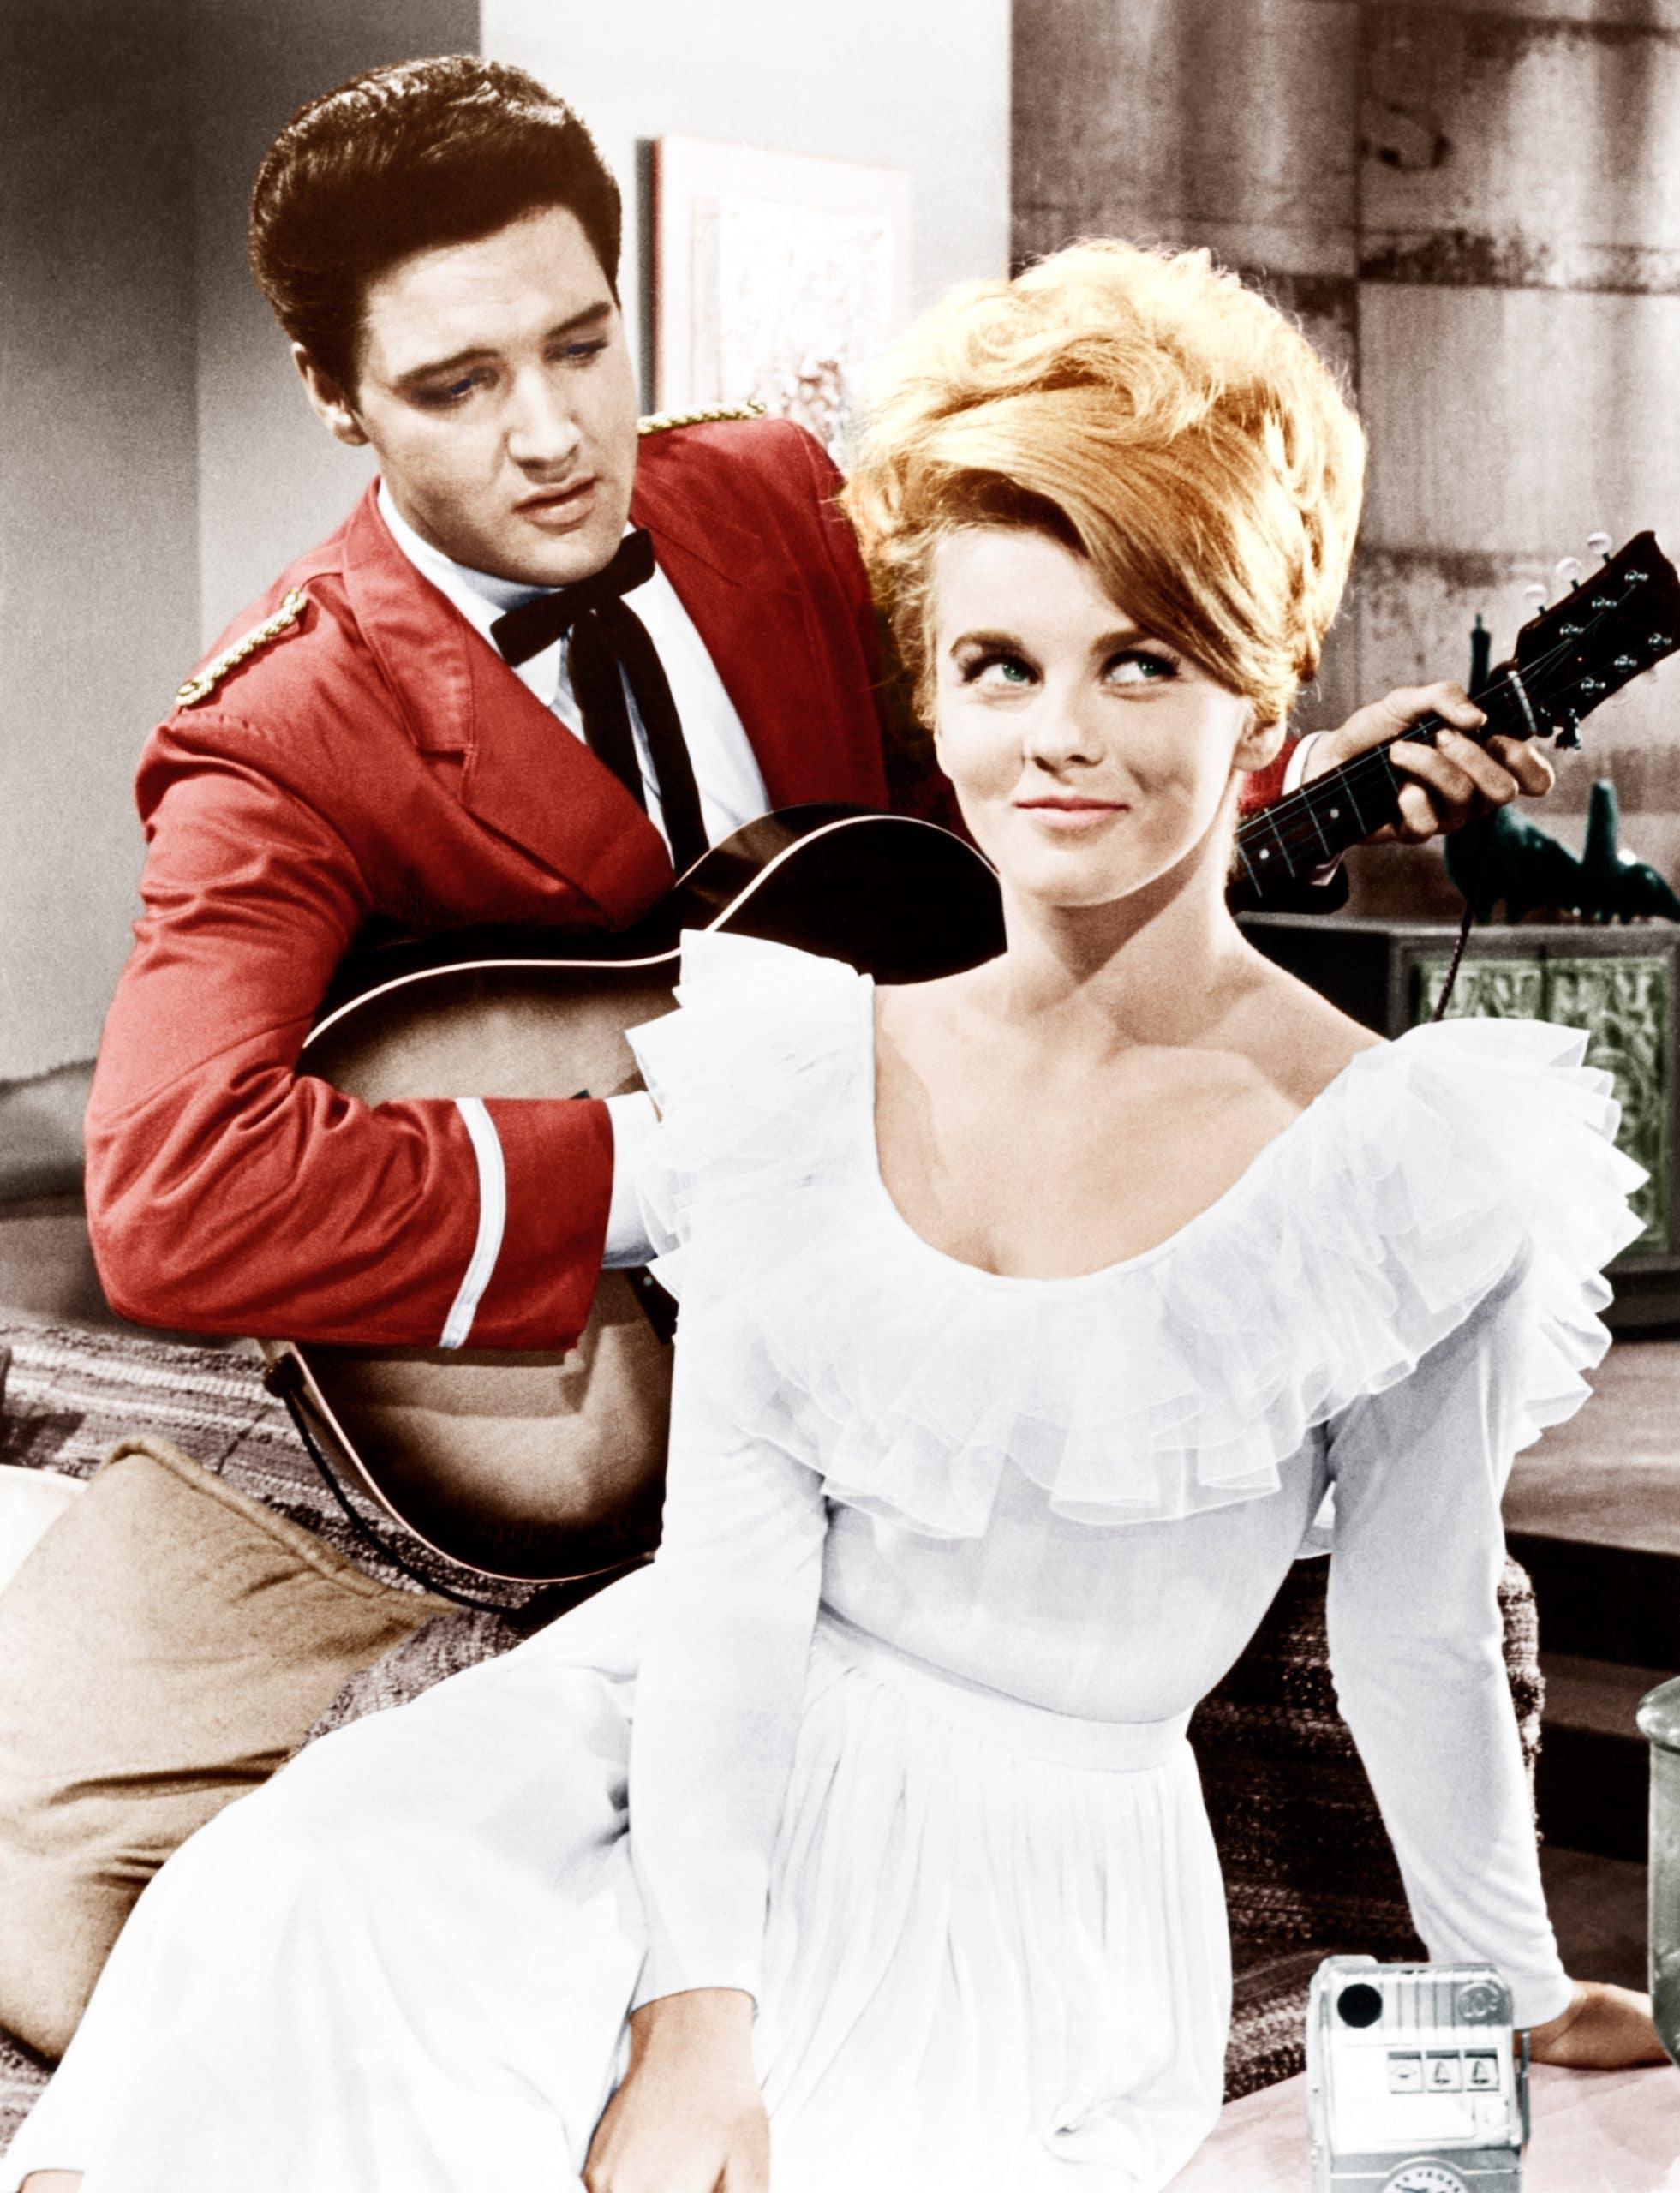 VIVA LAS VEGAS, from left: Elvis Presley, Ann-Margret, 1964